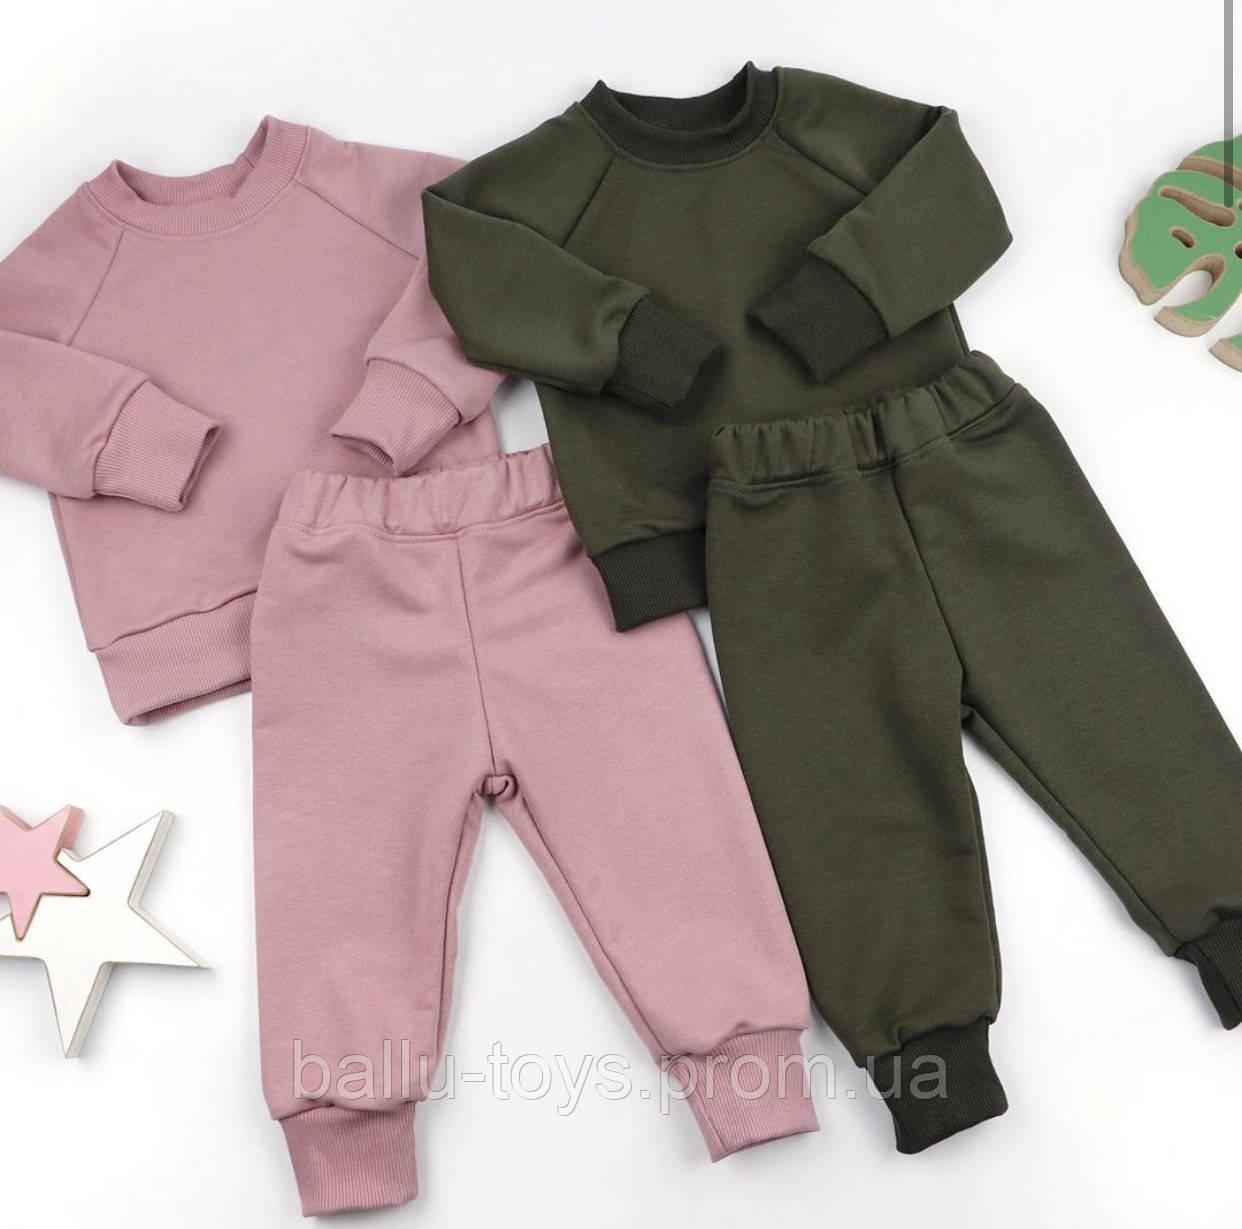 Красивый трикотажный костюм для малышей COOL (9 мес-4 года)